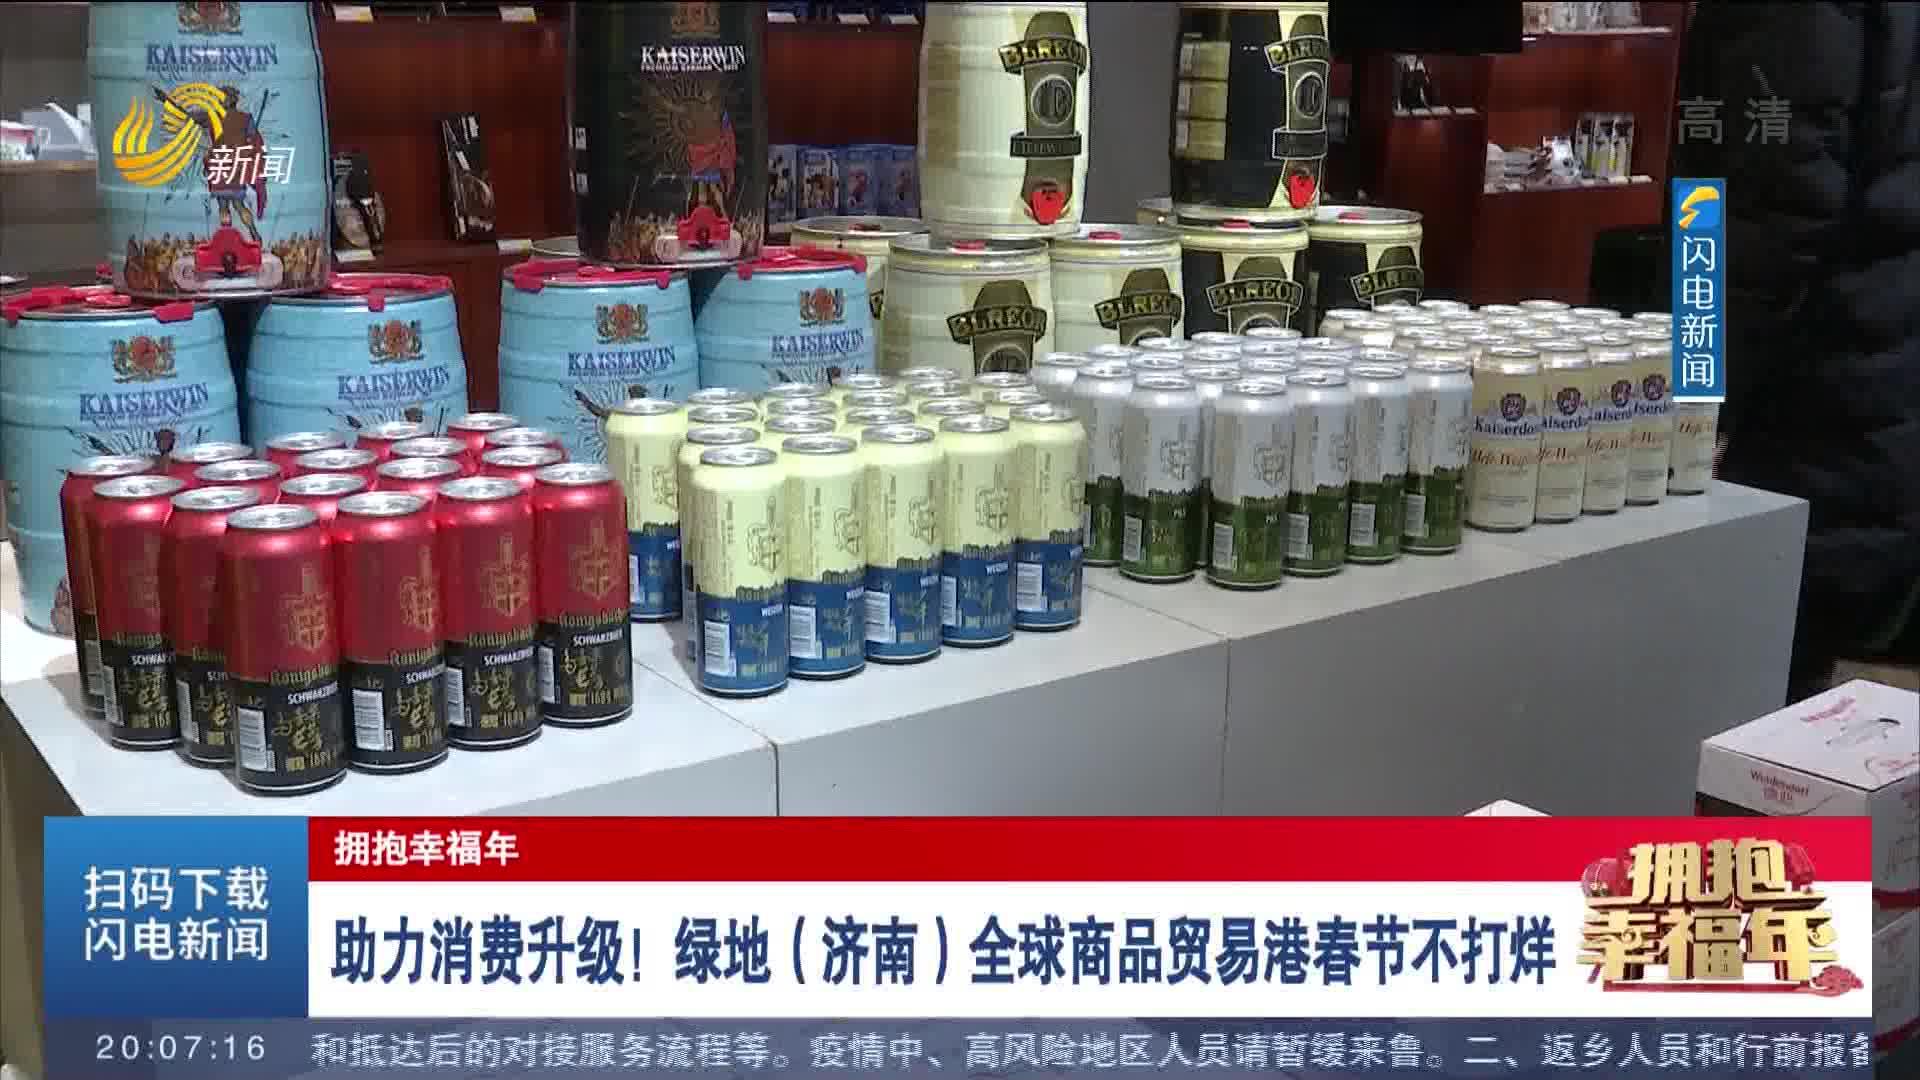 【拥抱幸福年】助力消费升级!绿地(济南)全球商品贸易港春节不打烊